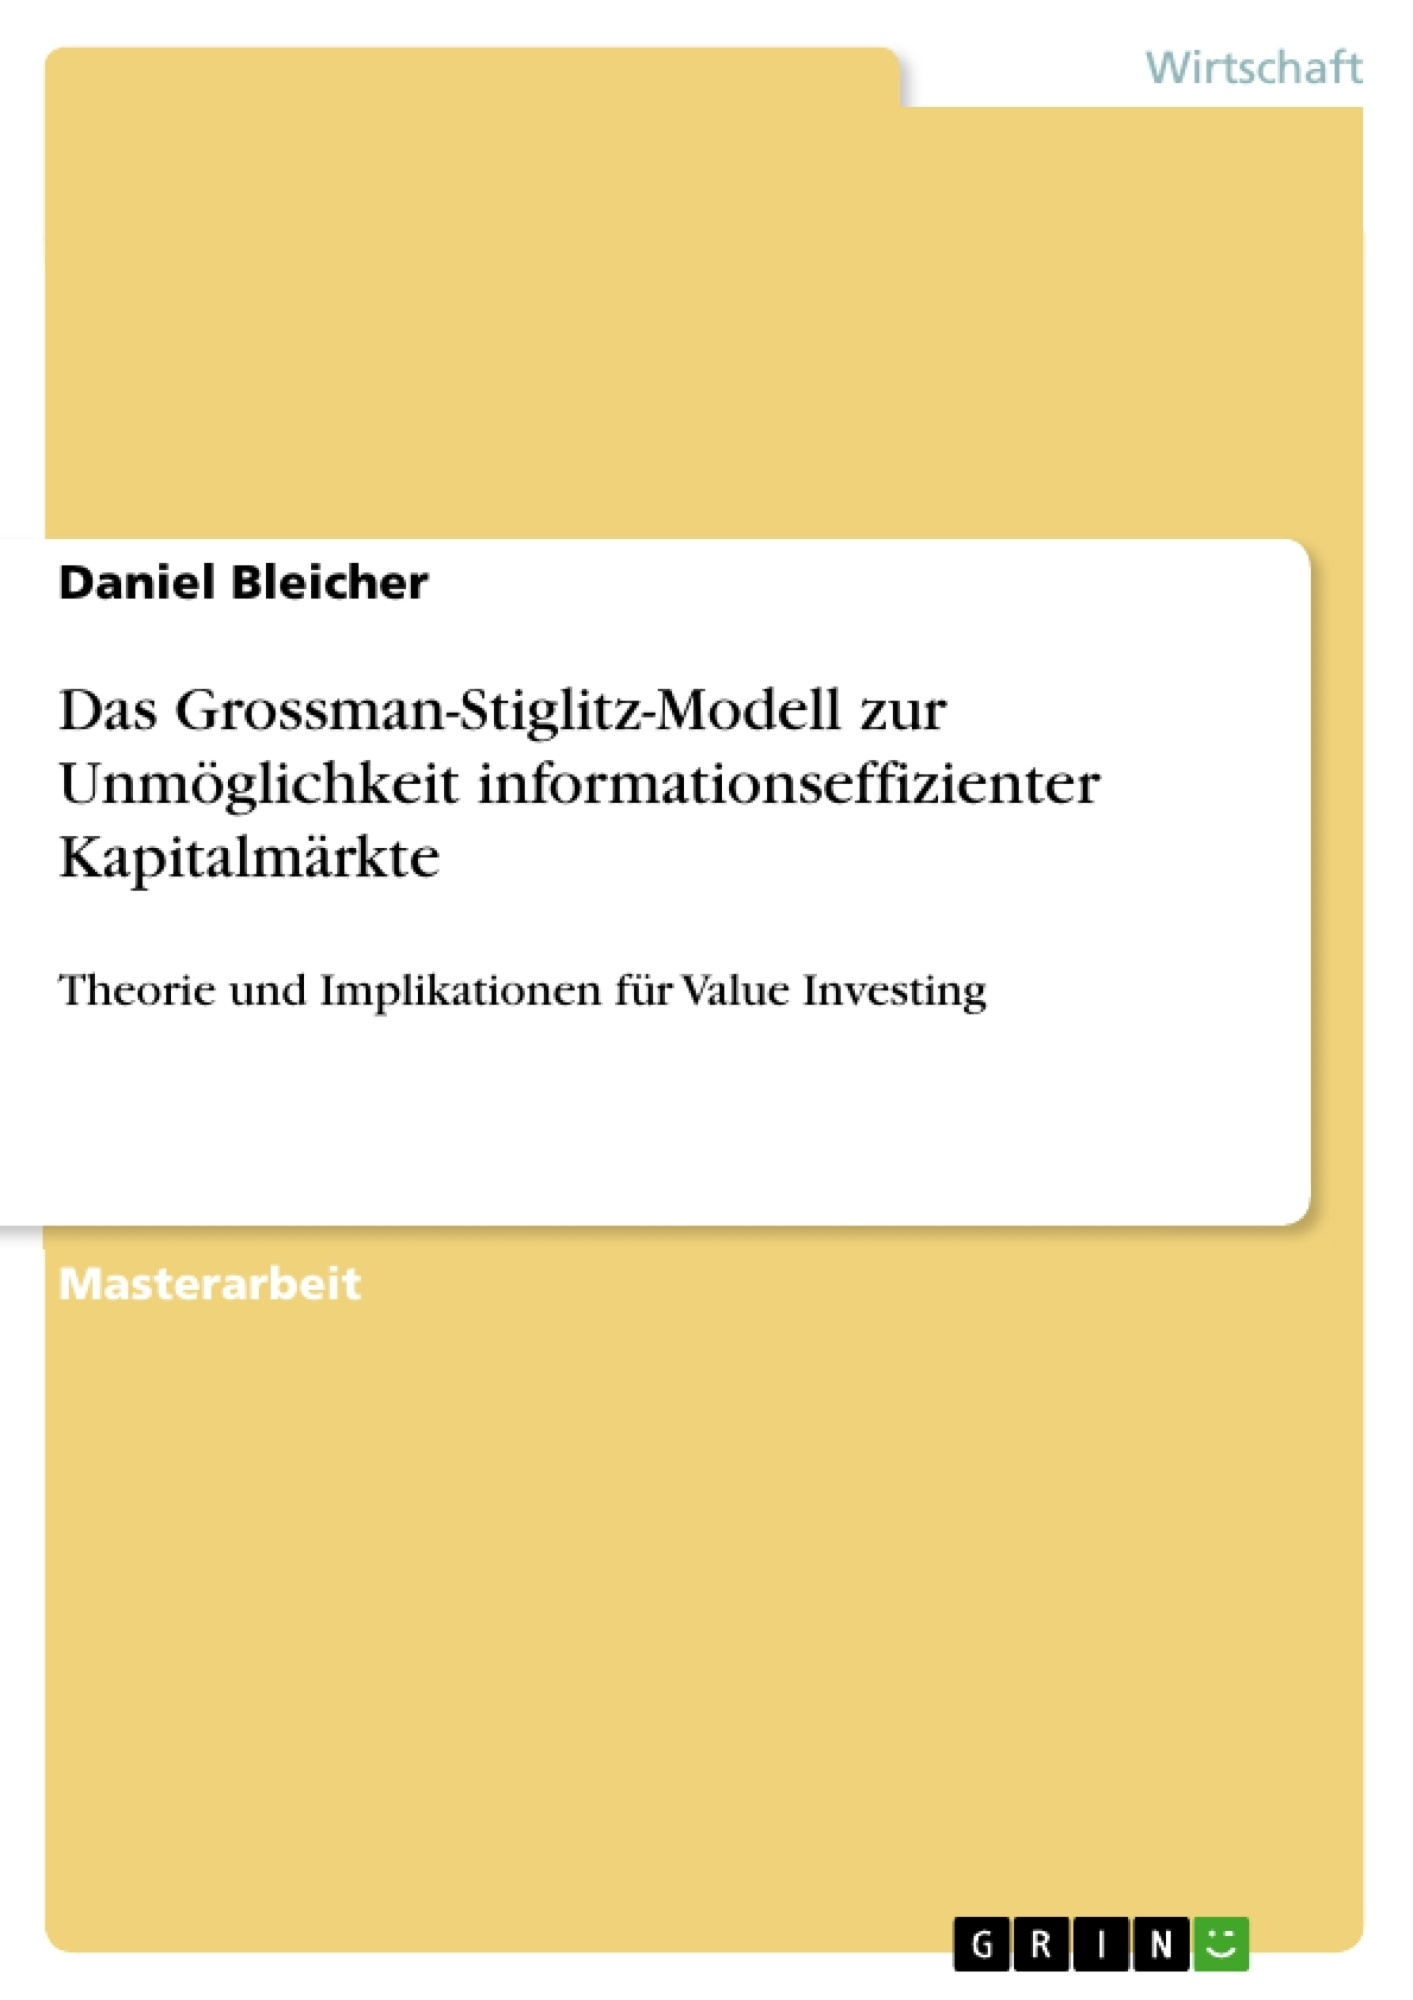 Titel: Das Grossman-Stiglitz-Modell zur Unmöglichkeit informationseffizienter Kapitalmärkte